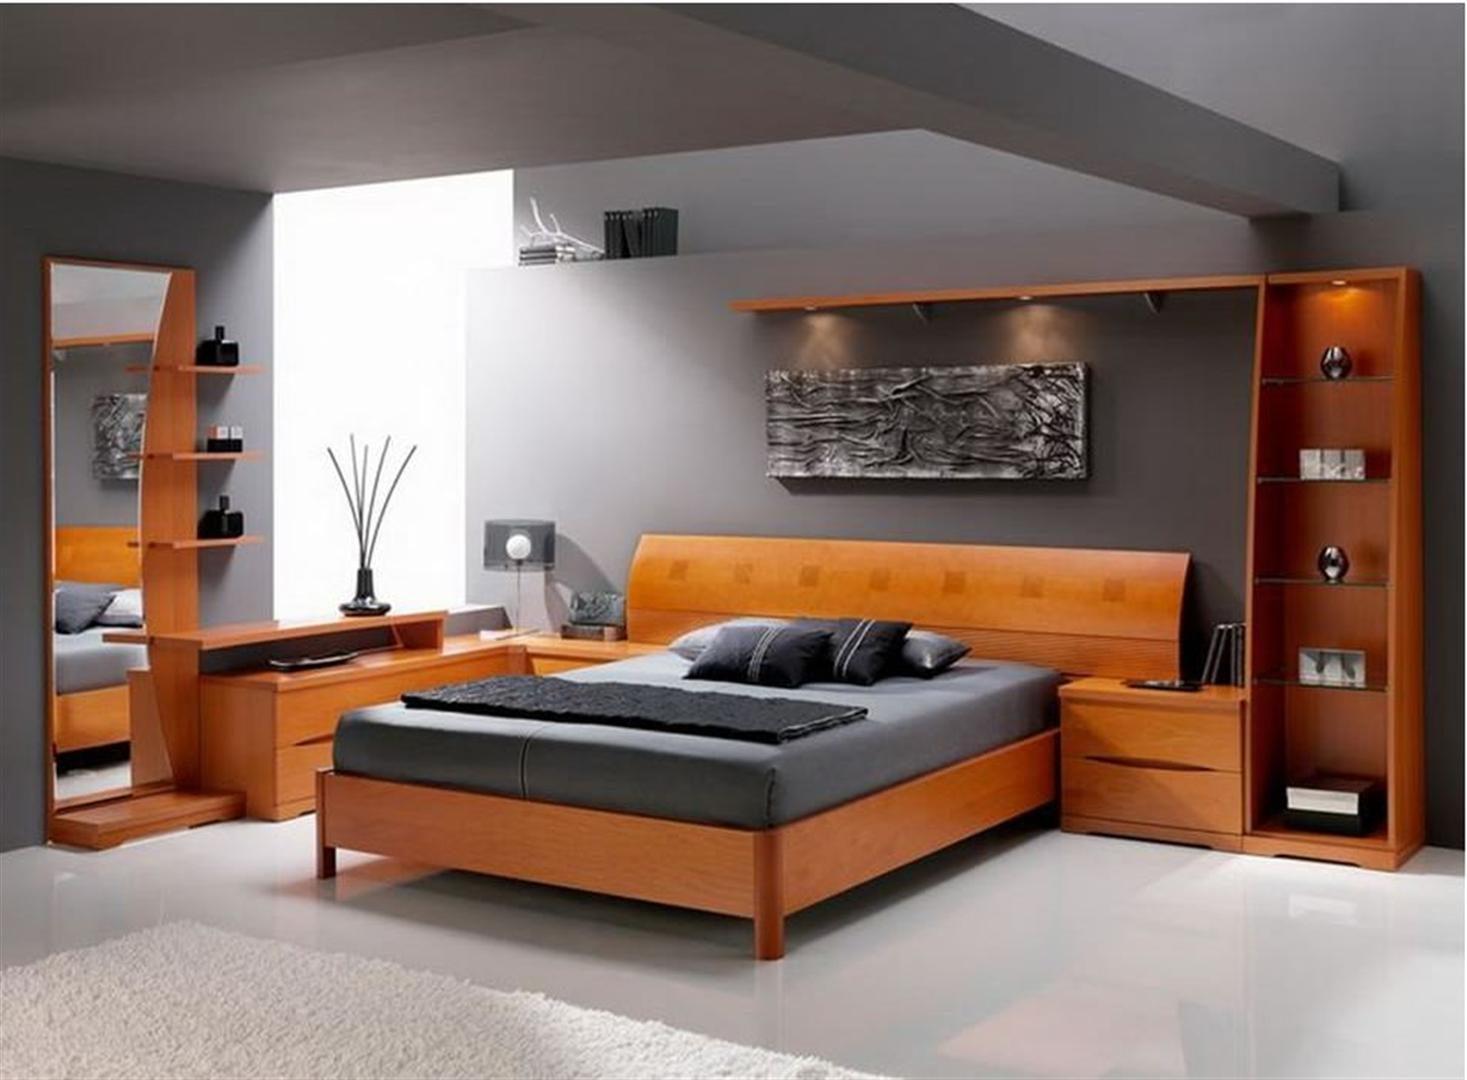 Muebles Para Cuartos - Muebles Para Habitaciones Modernas Im Genes Y Fotos[mjhdah]http://www.cerilene.com/i/2017/09/muebles-para-cuartos-chicos-habitaciones-bogota-adolescentes-reducidas-bebes.gif